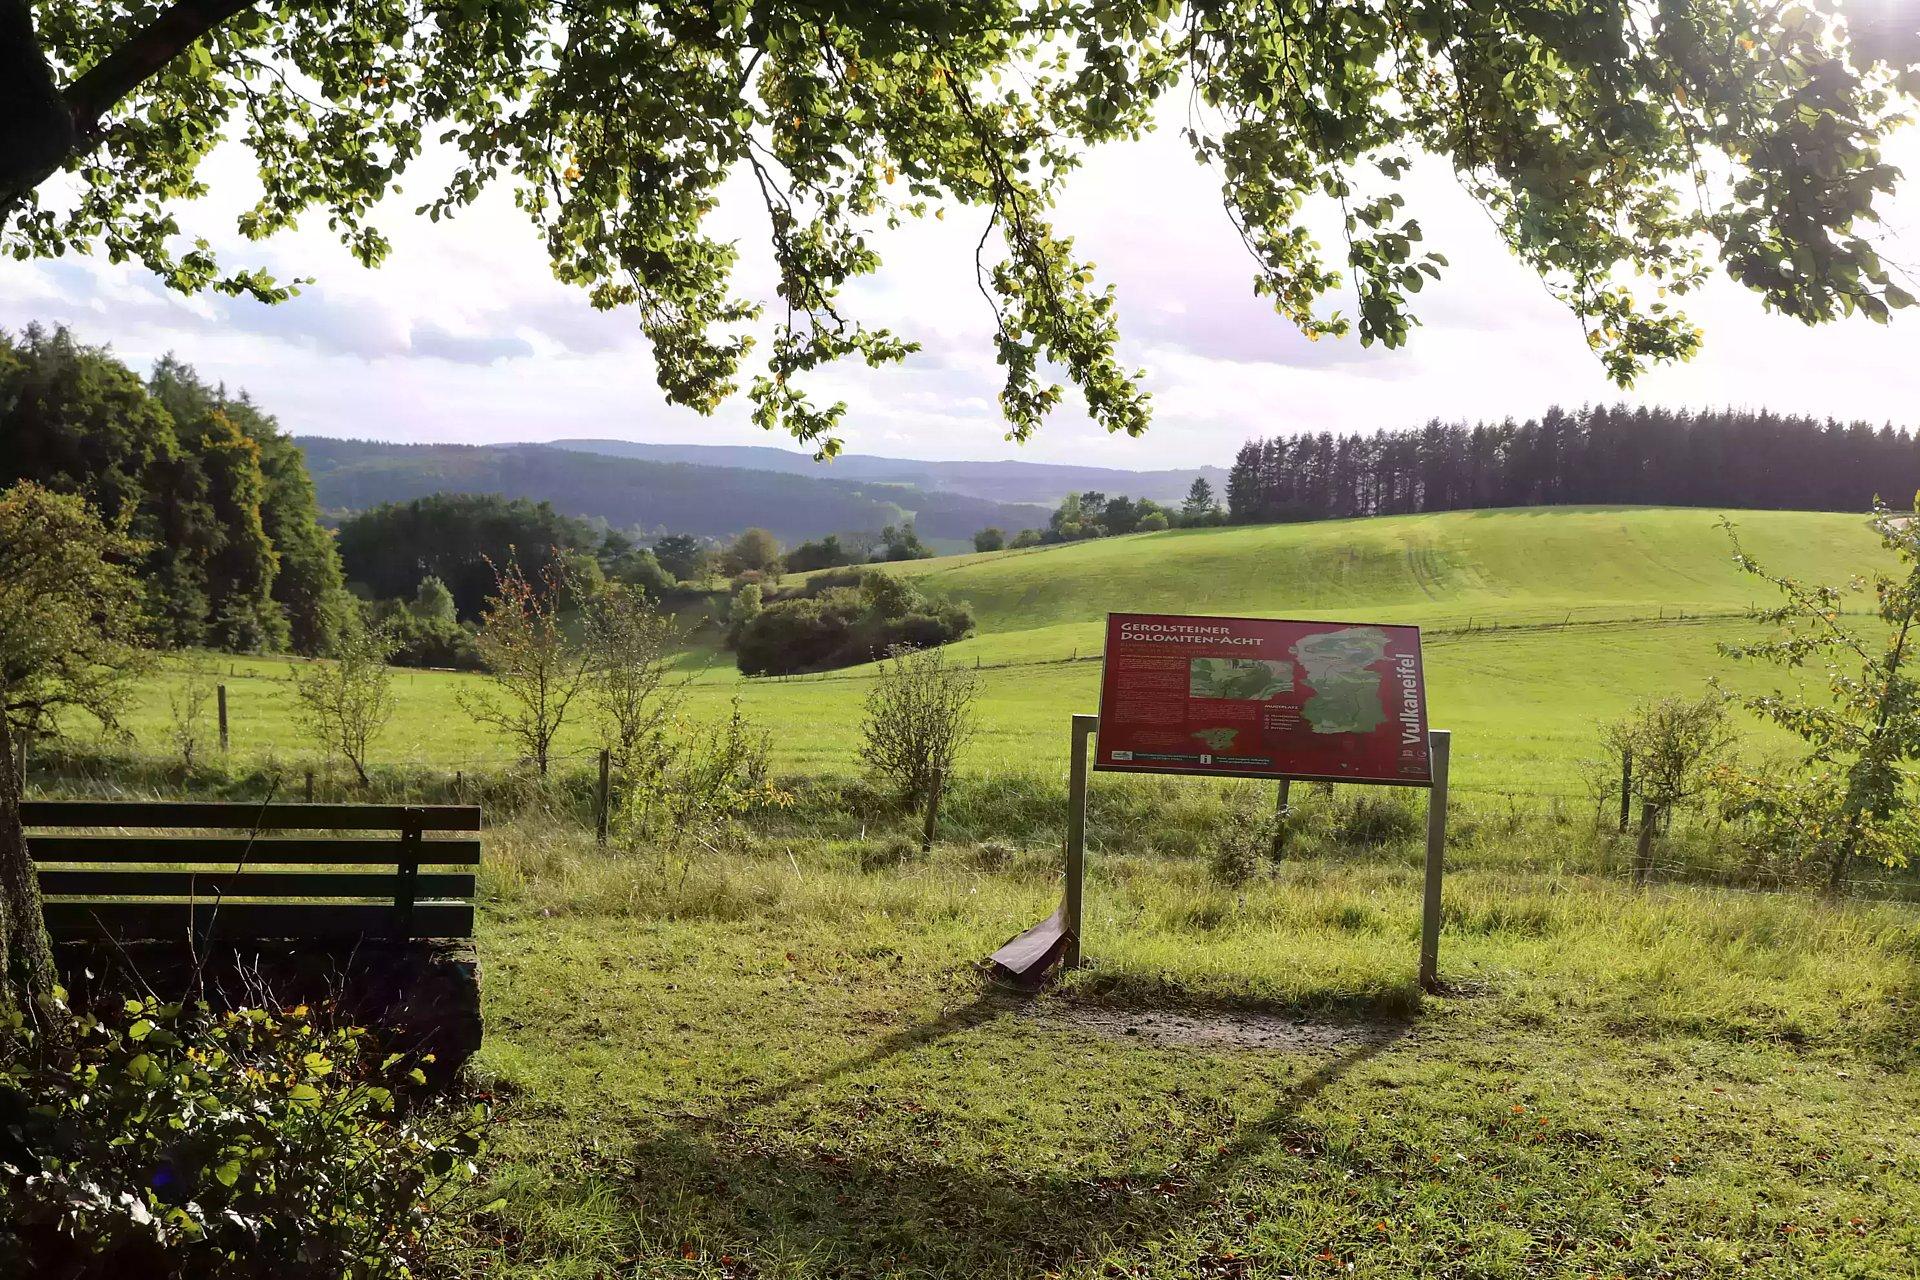 Tafel Muße-Pfad Gerolsteiner Dolomiten-Acht, Eifel